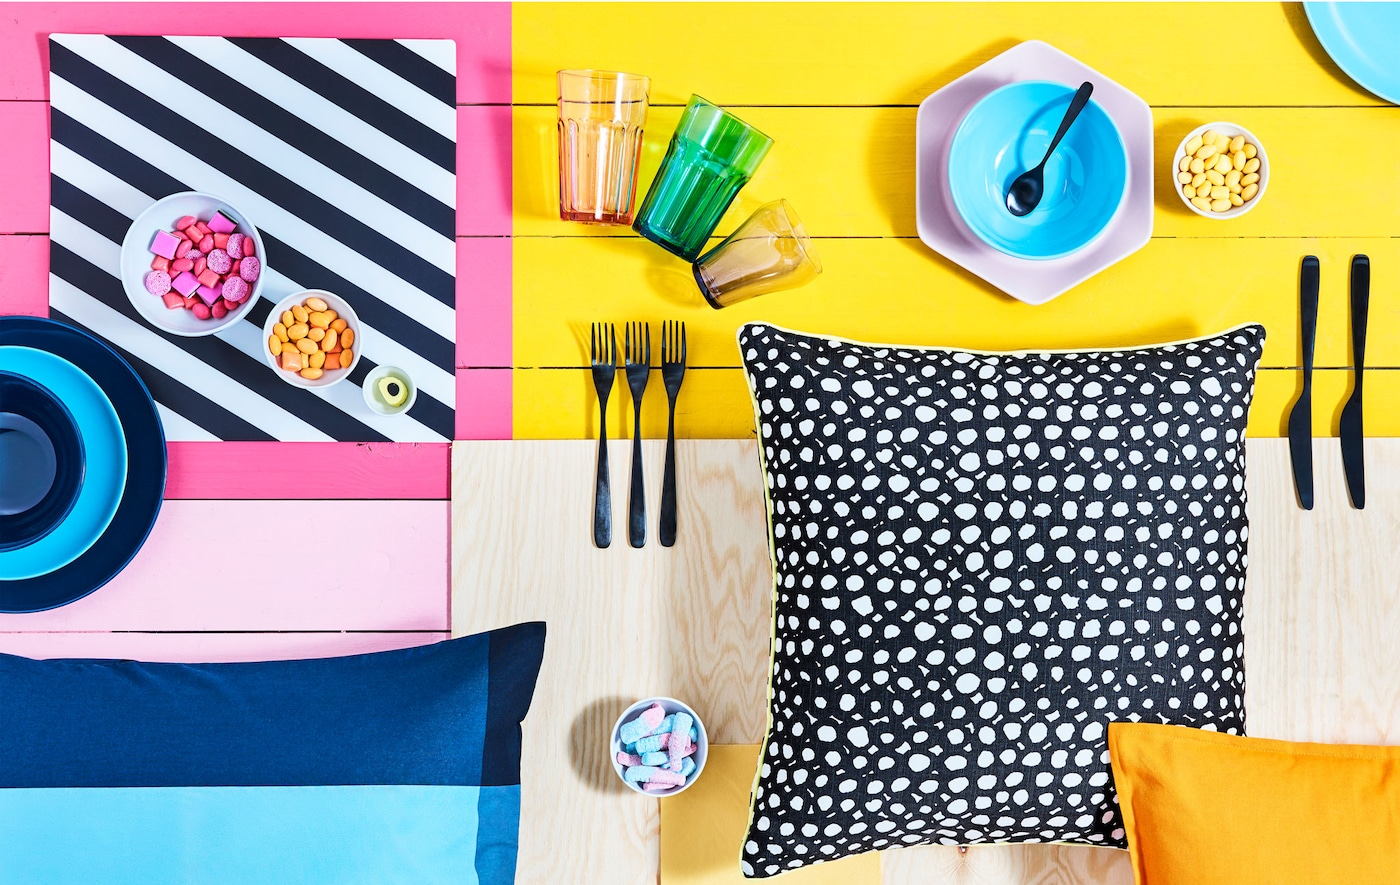 Powierzchnia w jaskrawych kolorach z różnorodną zastawą stołową, miskami z cukierkami i wzorzystymi poduszkami.